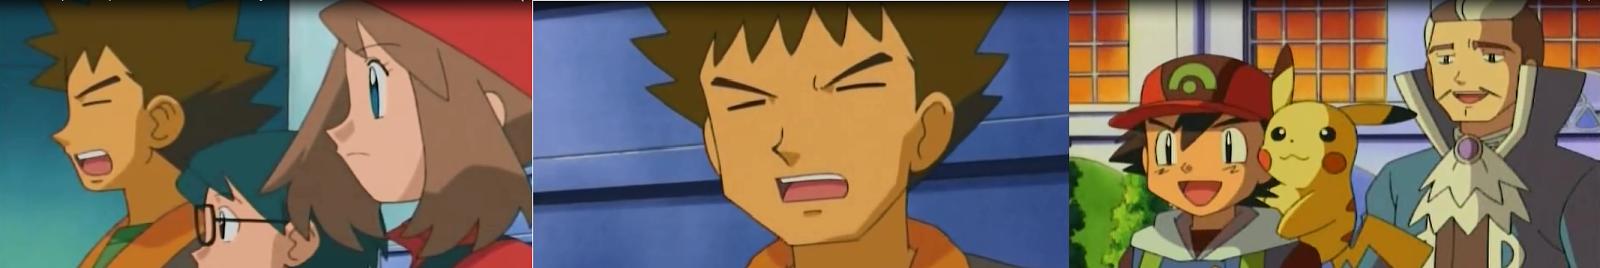 Pokemon Capitulo 19 Temporada 8 Ocho No Son Suficientes